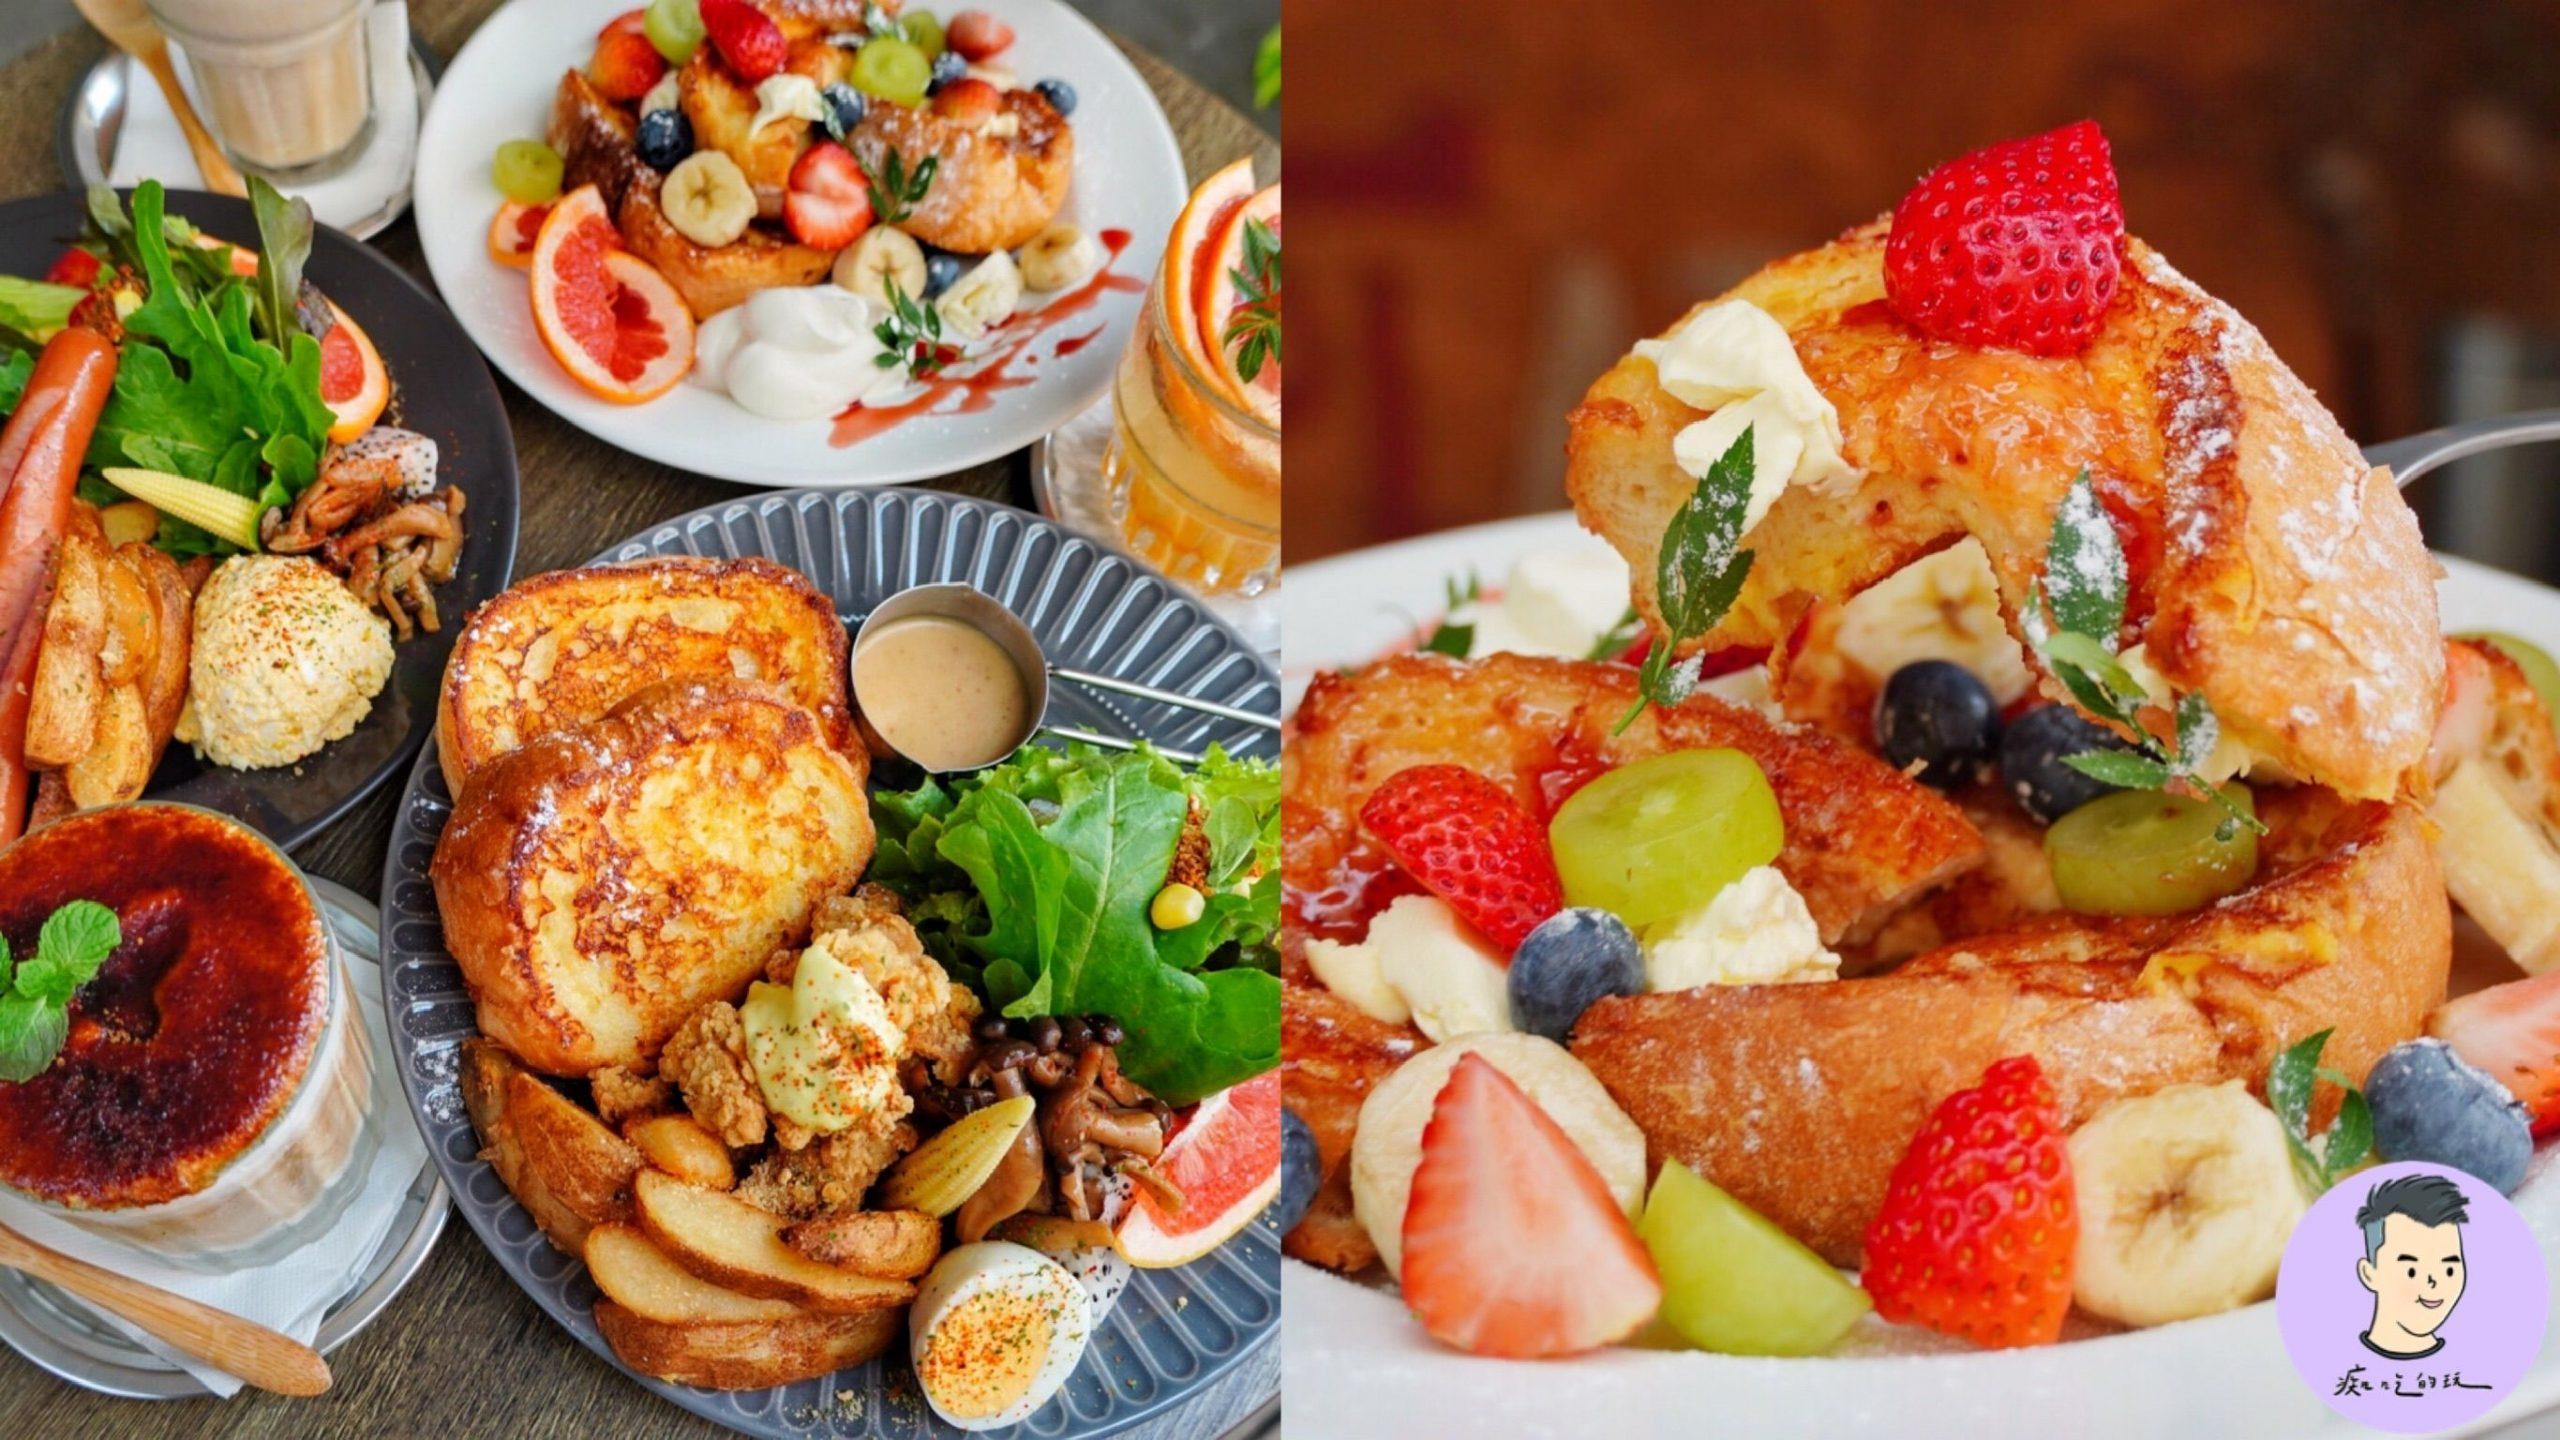 【嘉義美食】文青大份量早午餐「小盤子 caf'e & brunch」超好吃布丁法國麵包底加!下午茶限定甜點必嚐 嘉義早午餐推薦